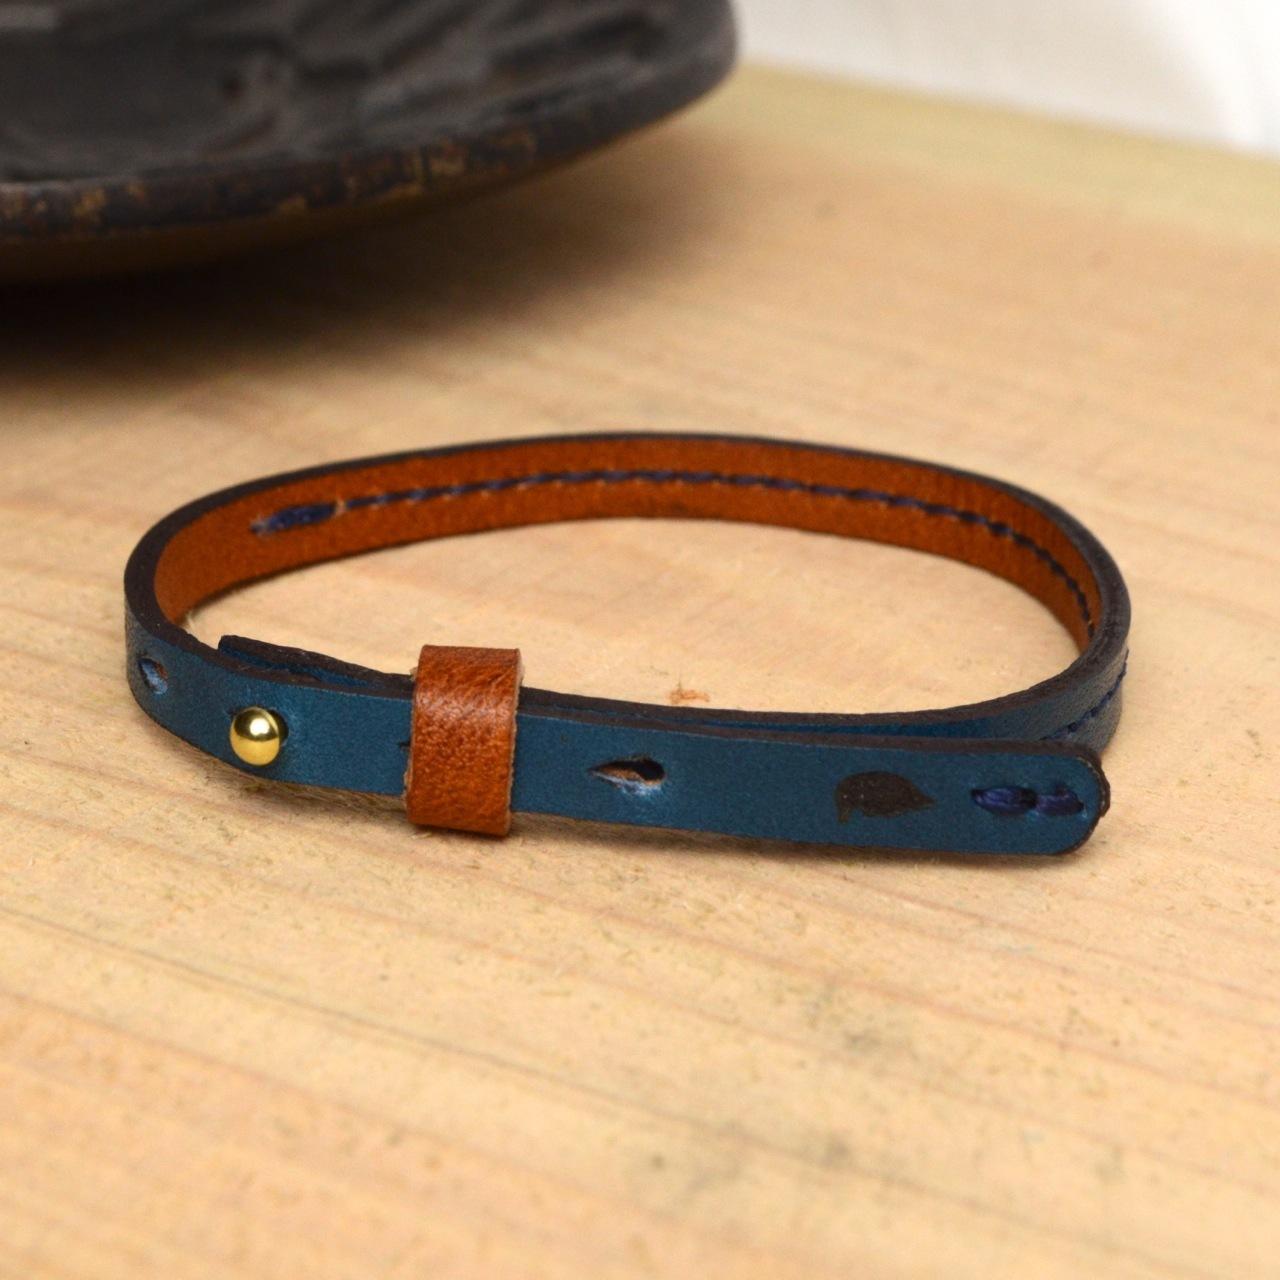 【BL101_BL】ミニ真鍮ギボシのエレガント牛革ブレスレット(ブルー)〜重ね付けやフォーマルなシーンに〜